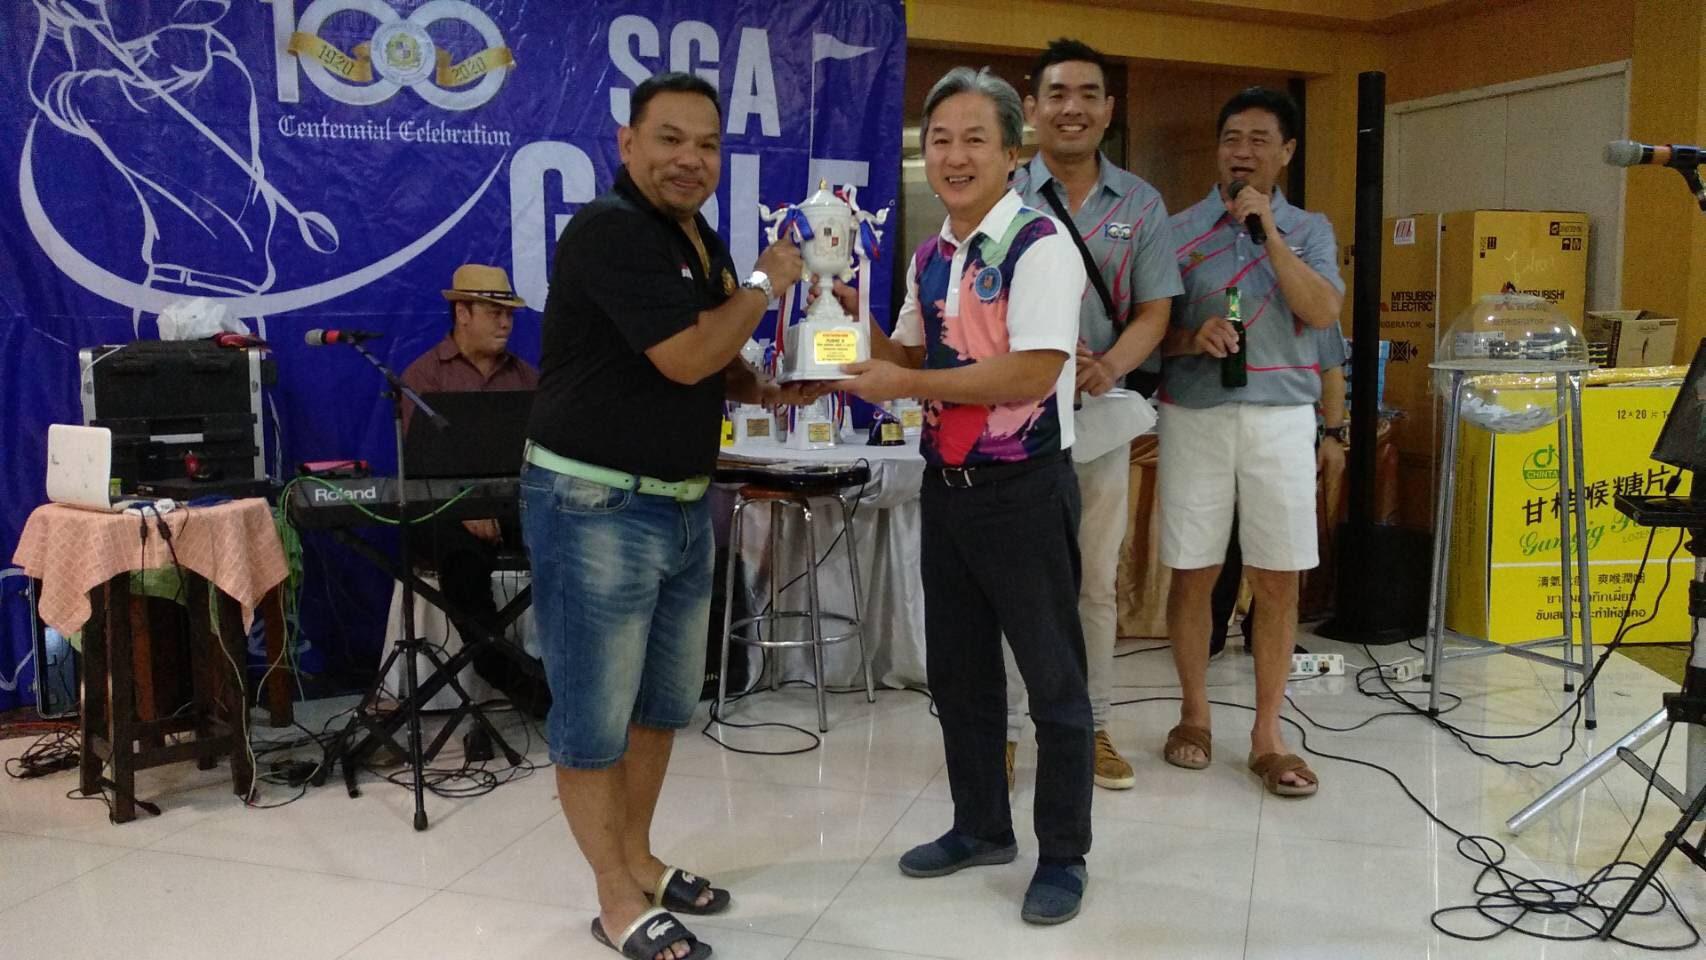 ขอแสดงความยินดีกับโดมพล เฉลิมช่วง ทีม SG 68 ที่คว้าแชมป์ ไฟล์ท D